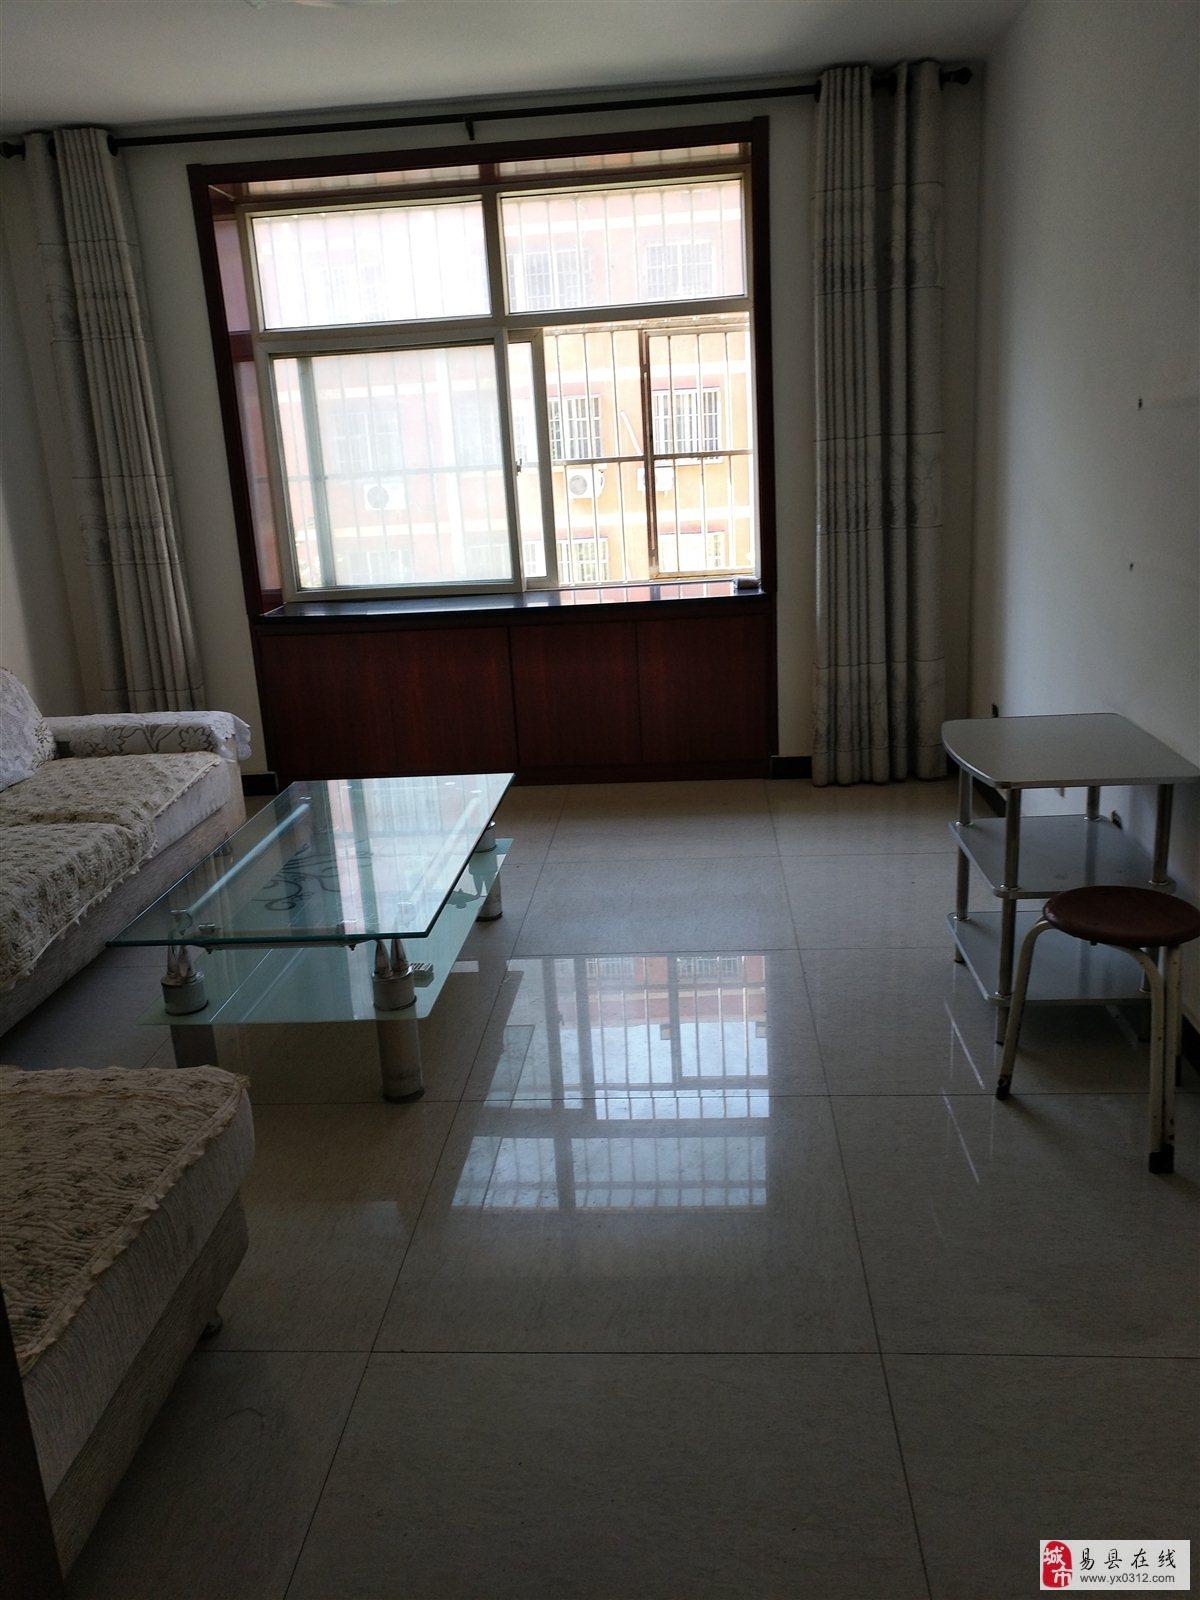 亚澜家苑2室2厅单价7000有本可贷款